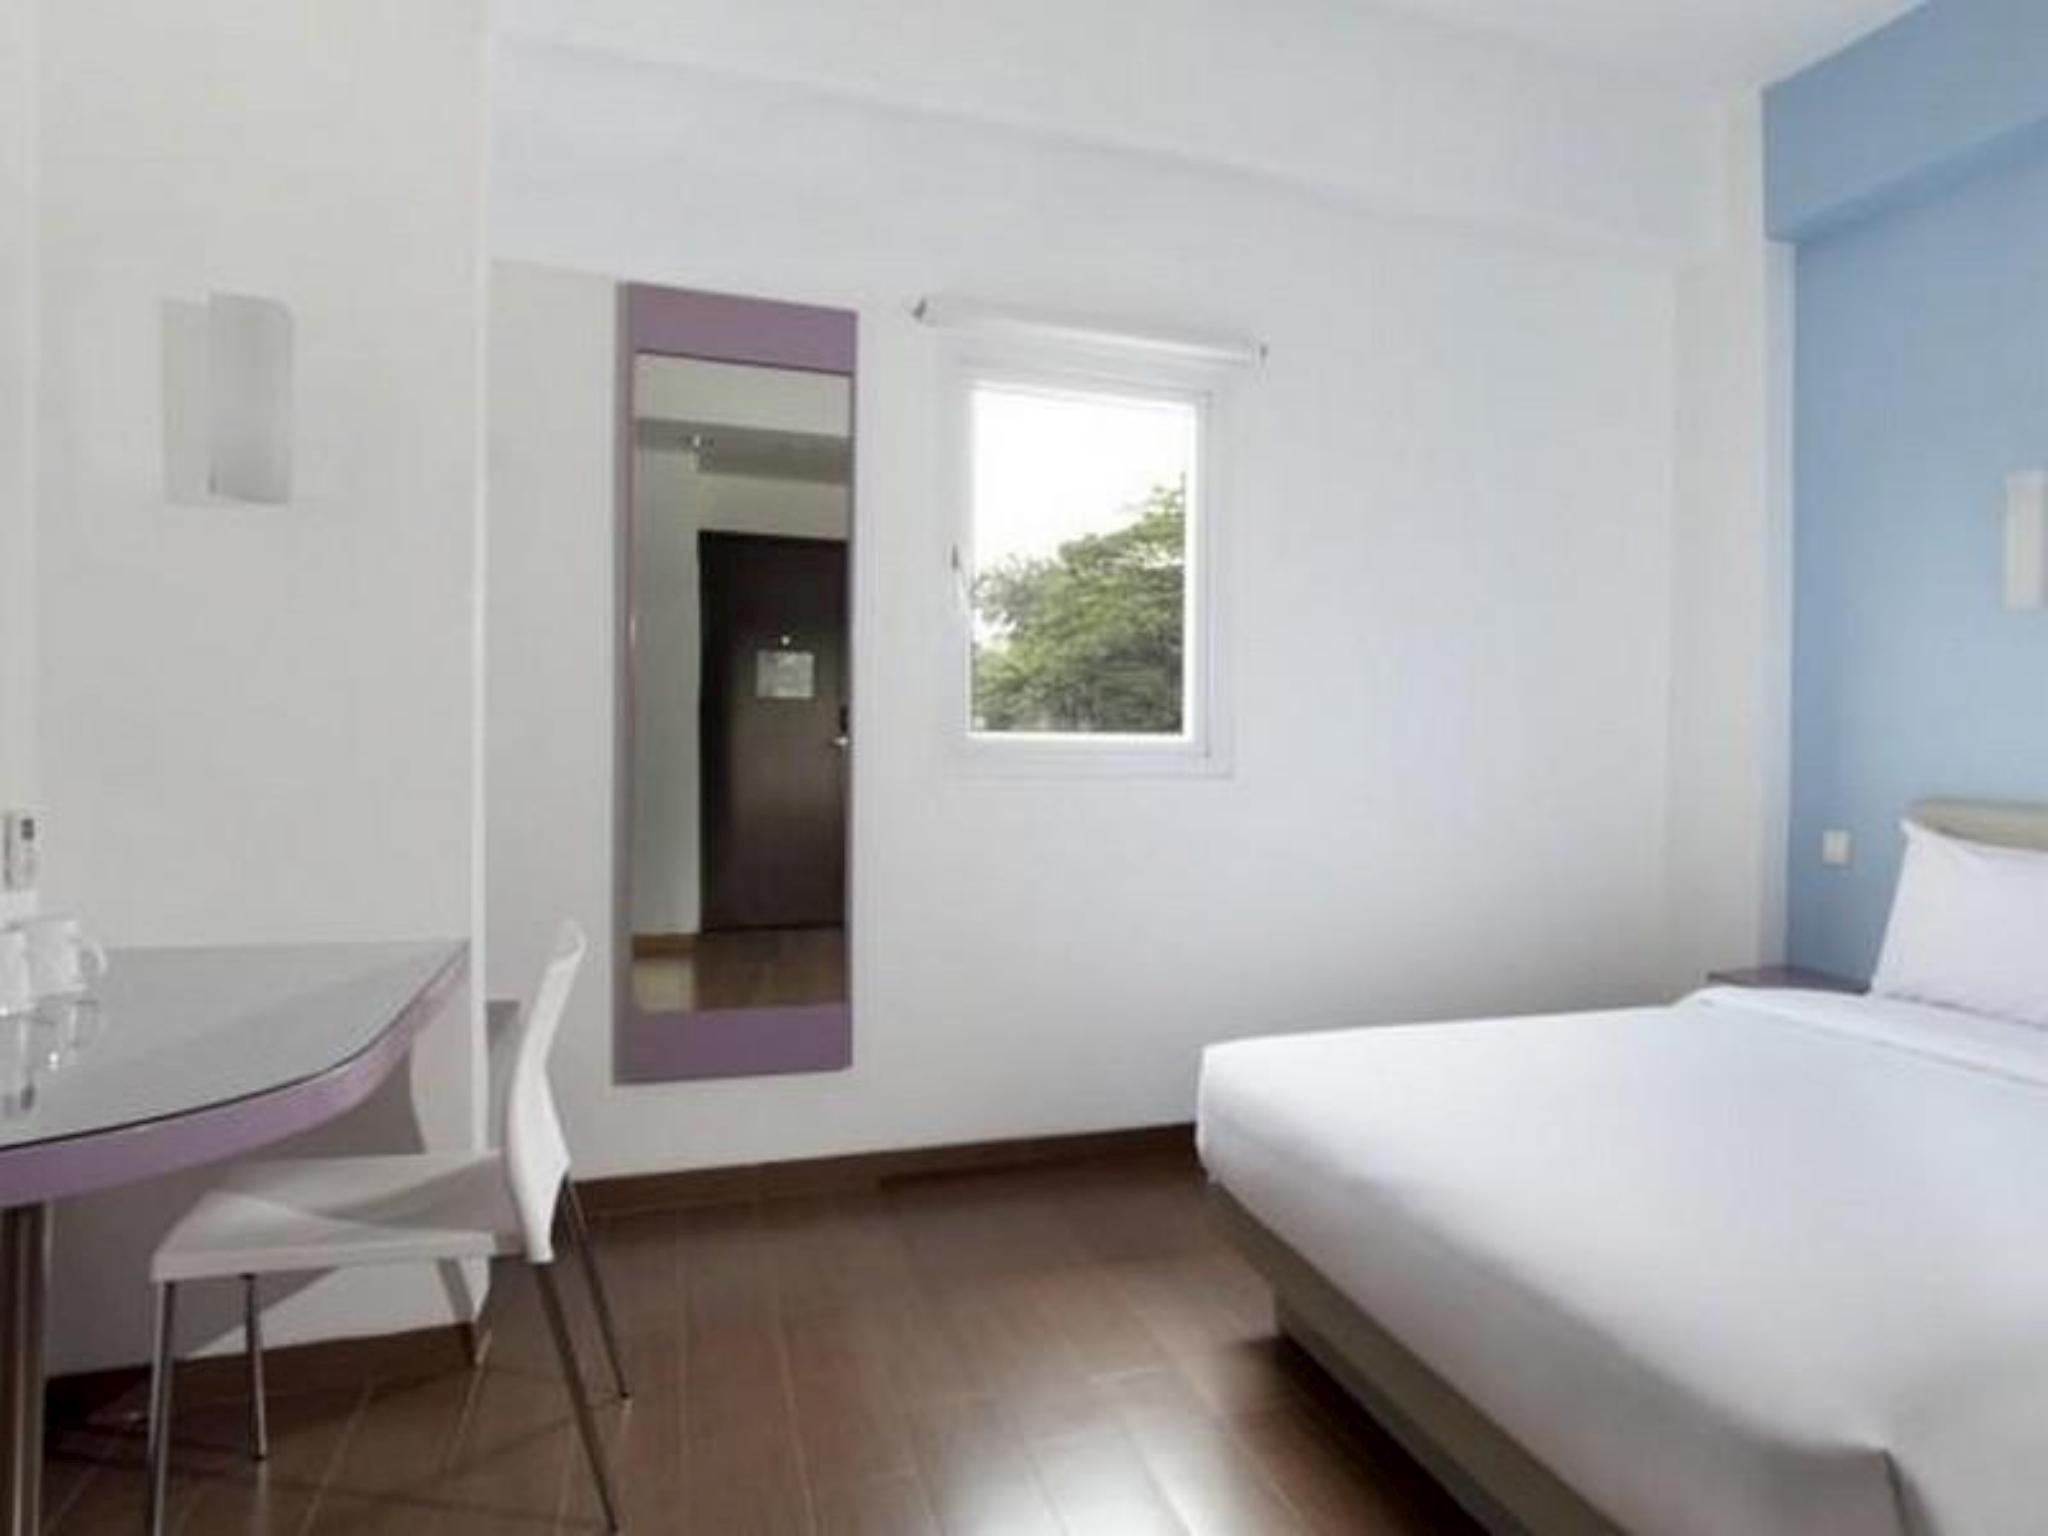 Amaris Hotel Padjajaran - Bogor - room photo 5832294